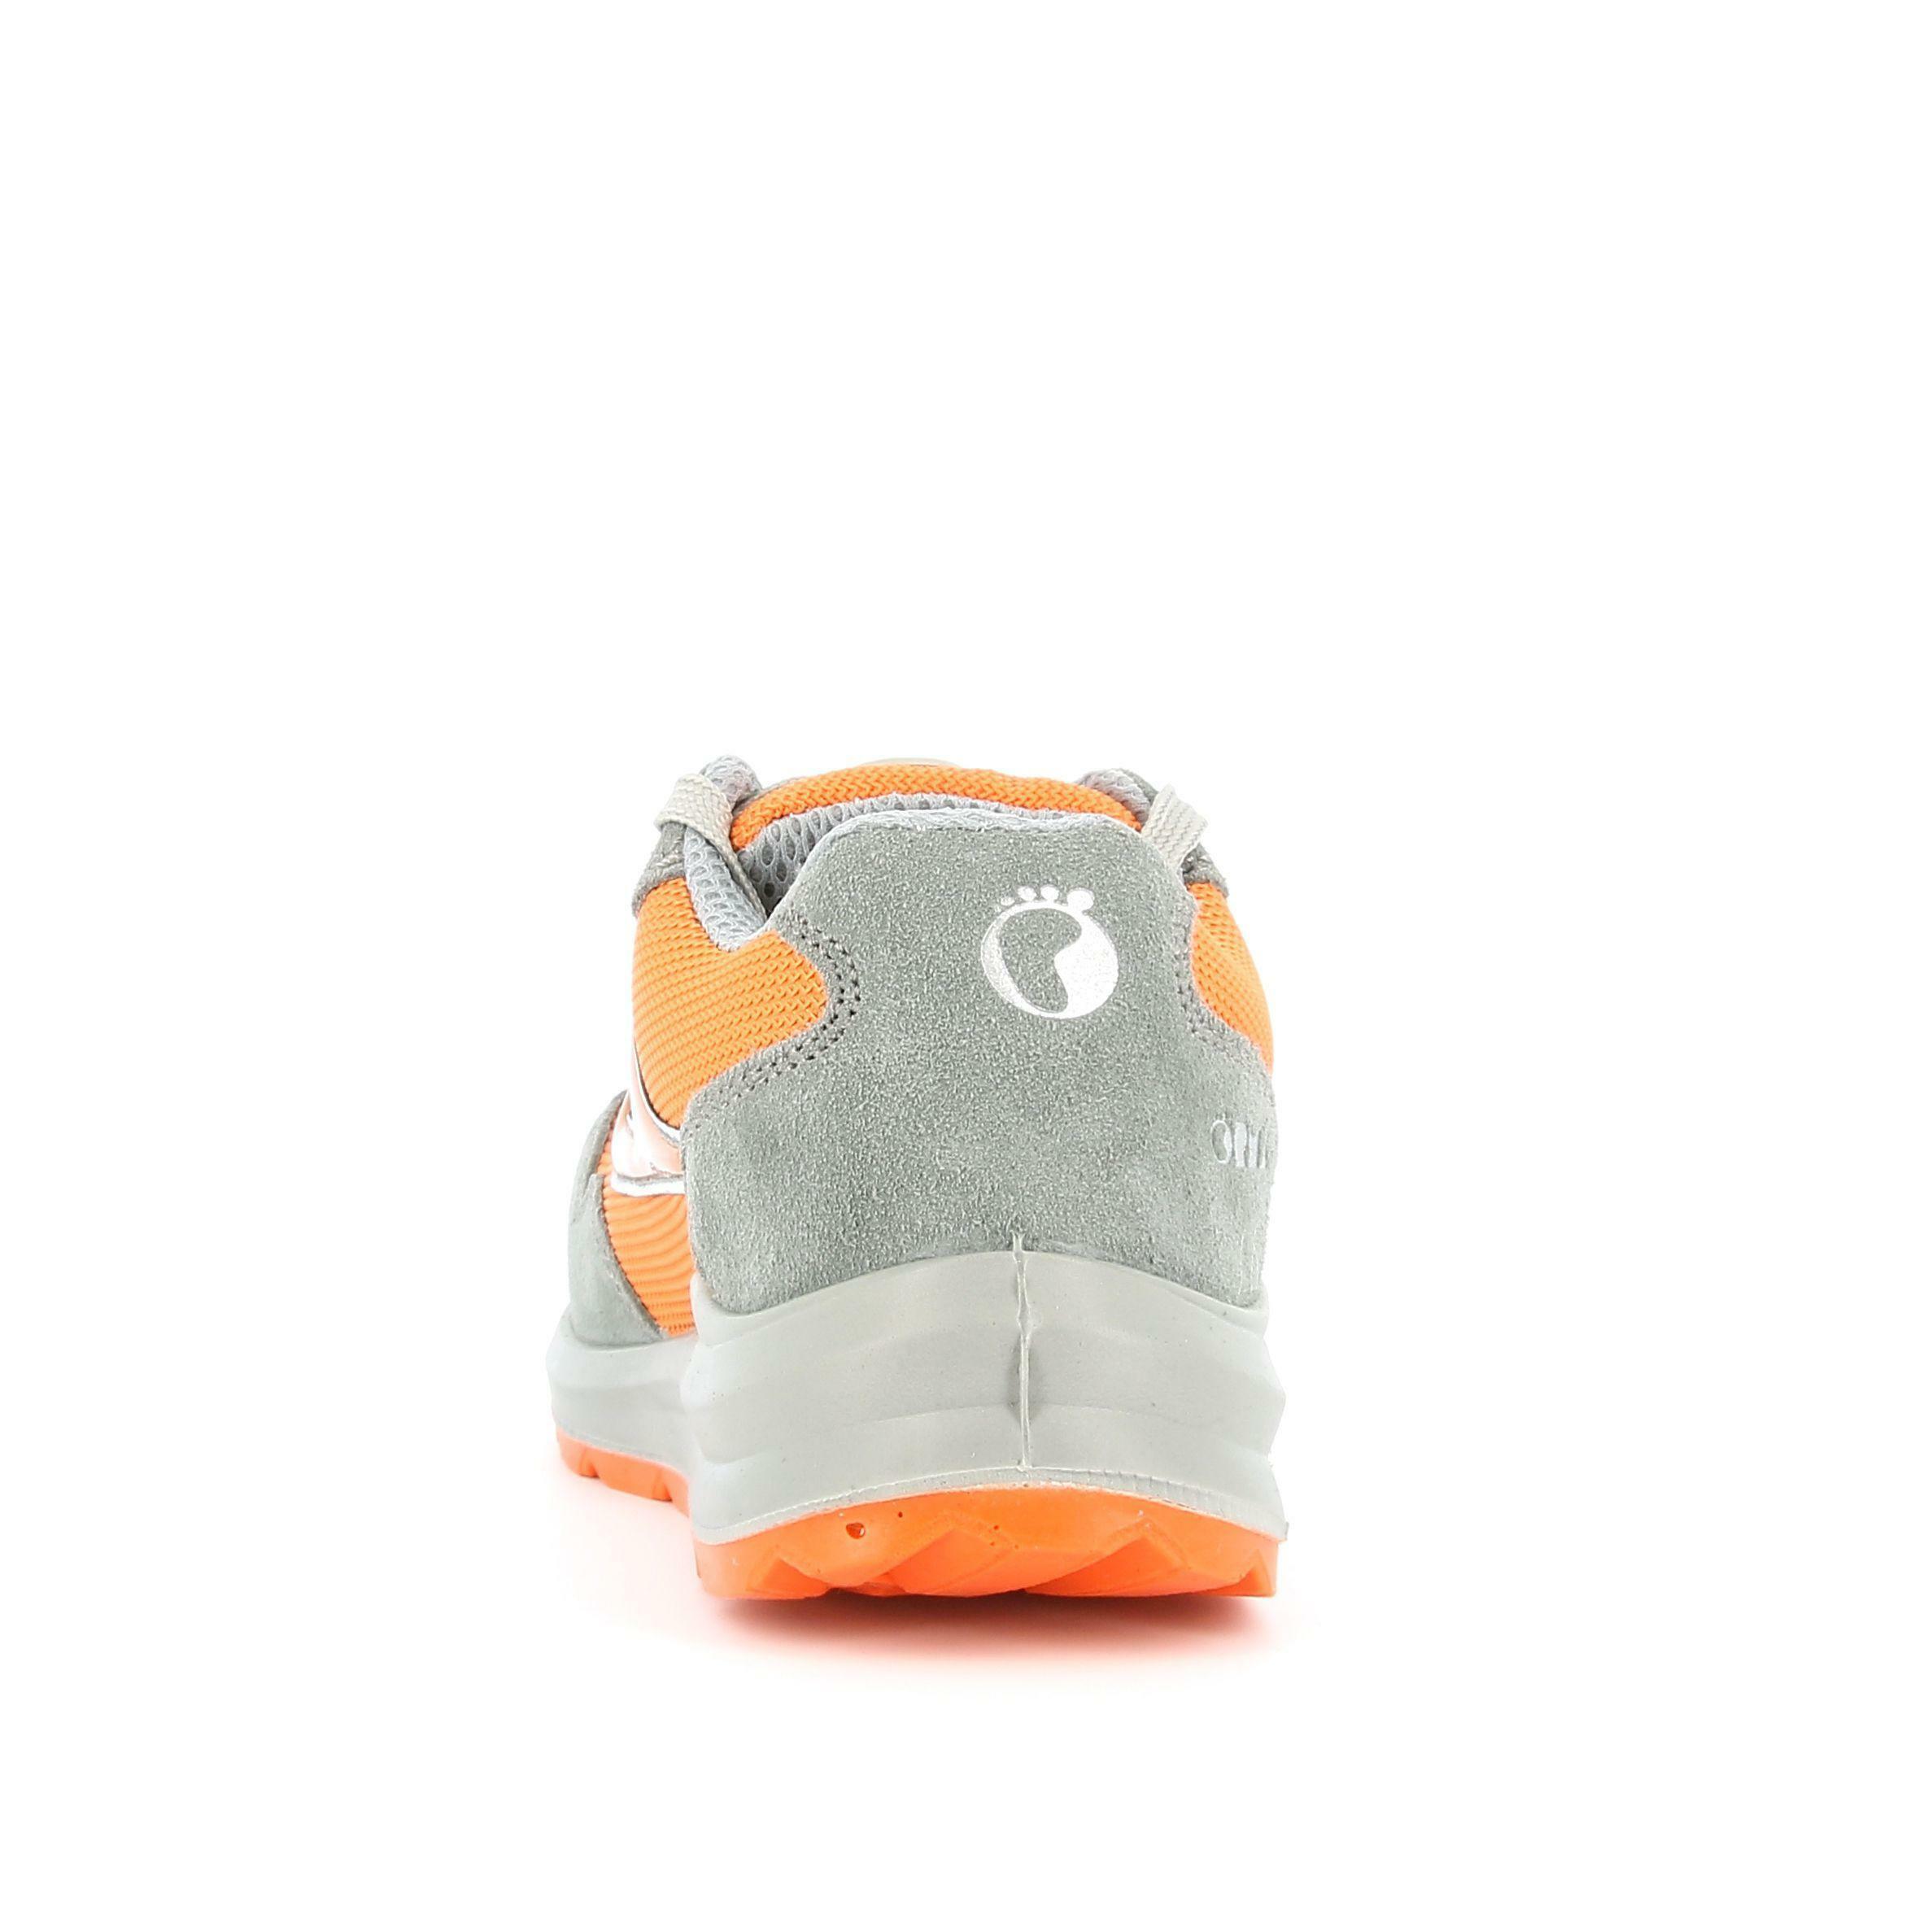 orma orma antinfortunio calz. bassa unisex 32205 s1p arancio